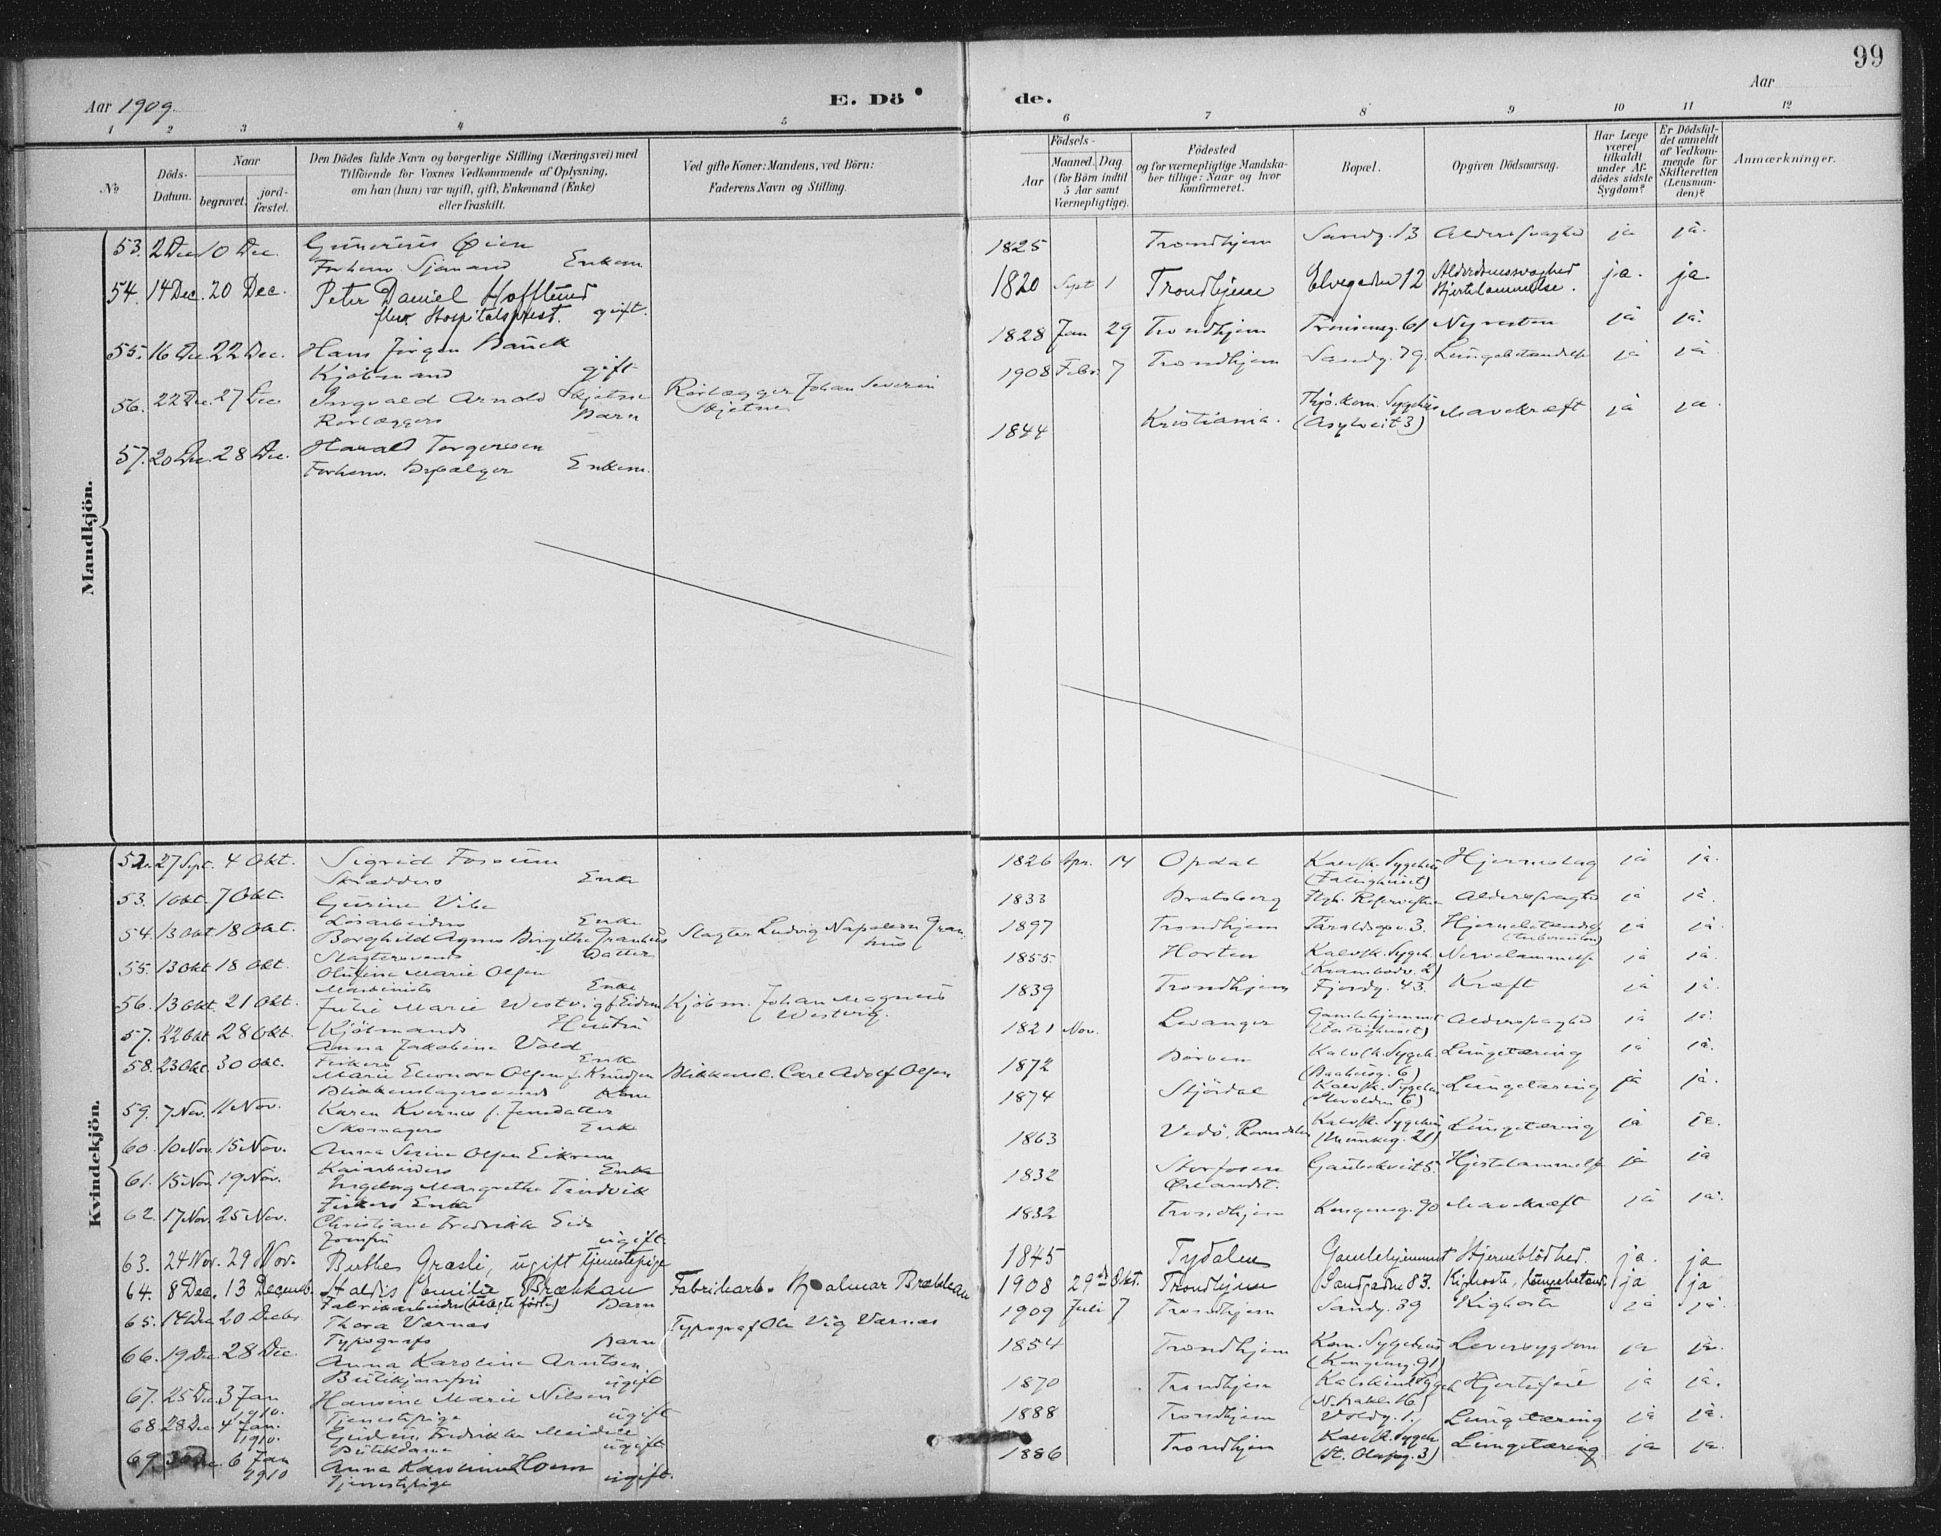 SAT, Ministerialprotokoller, klokkerbøker og fødselsregistre - Sør-Trøndelag, 602/L0123: Ministerialbok nr. 602A21, 1895-1910, s. 99